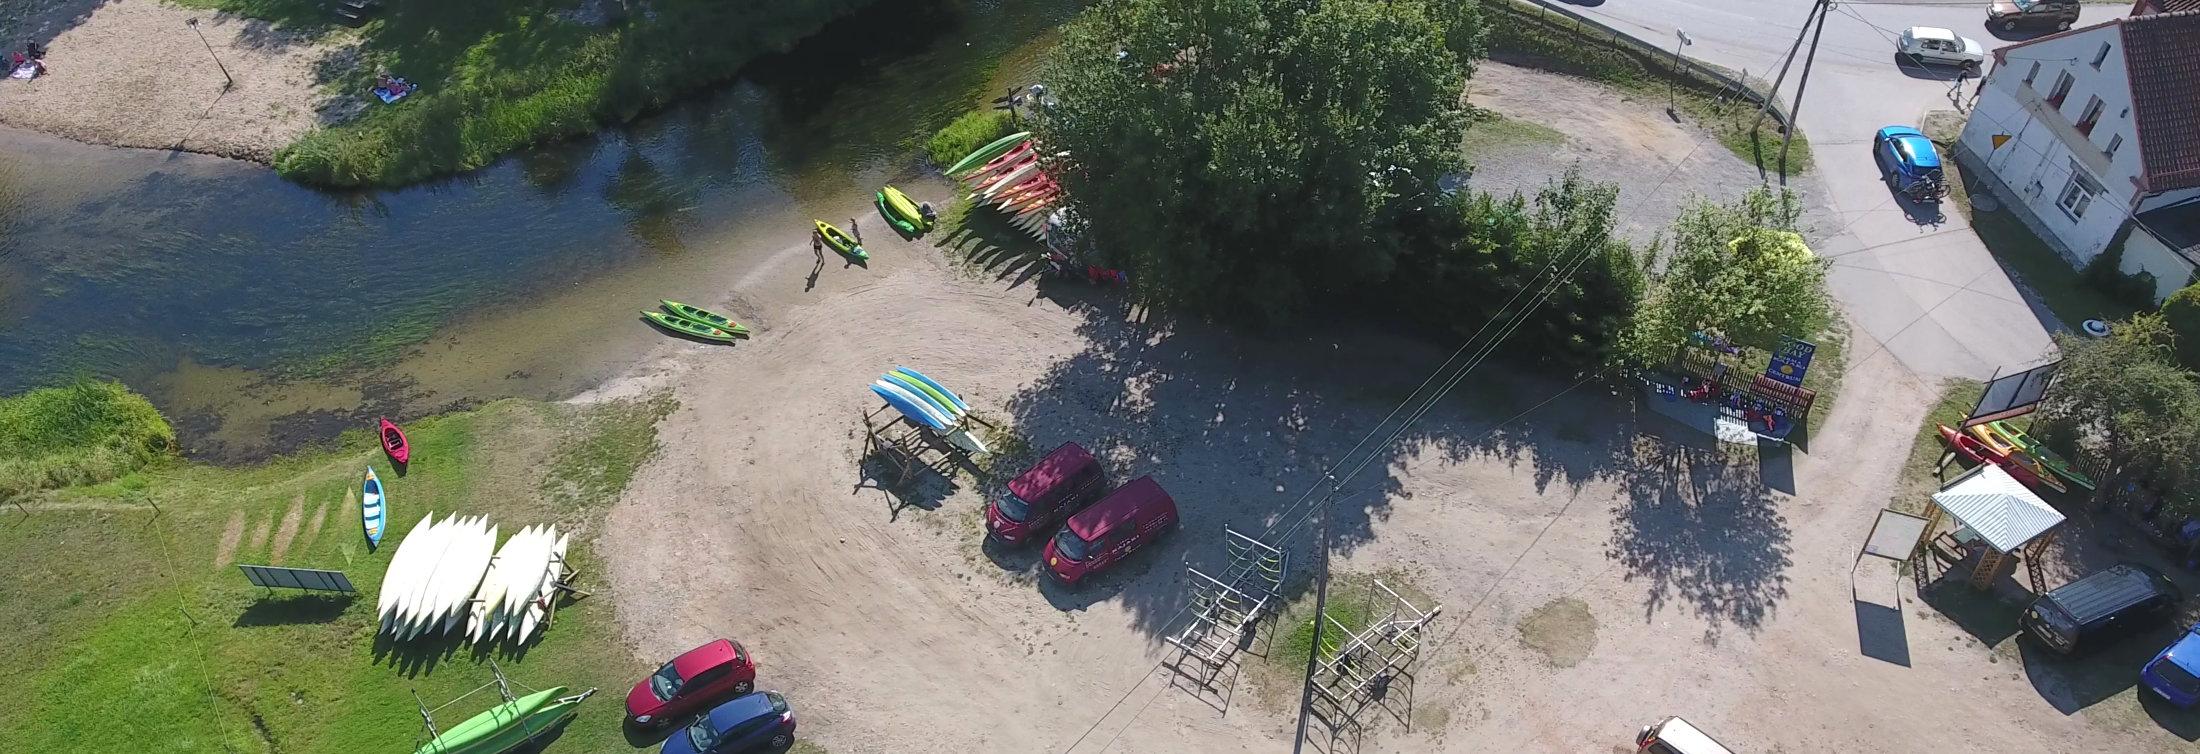 Firma Kajaki Centrum, spływy kajakowe rzeką Krutynia